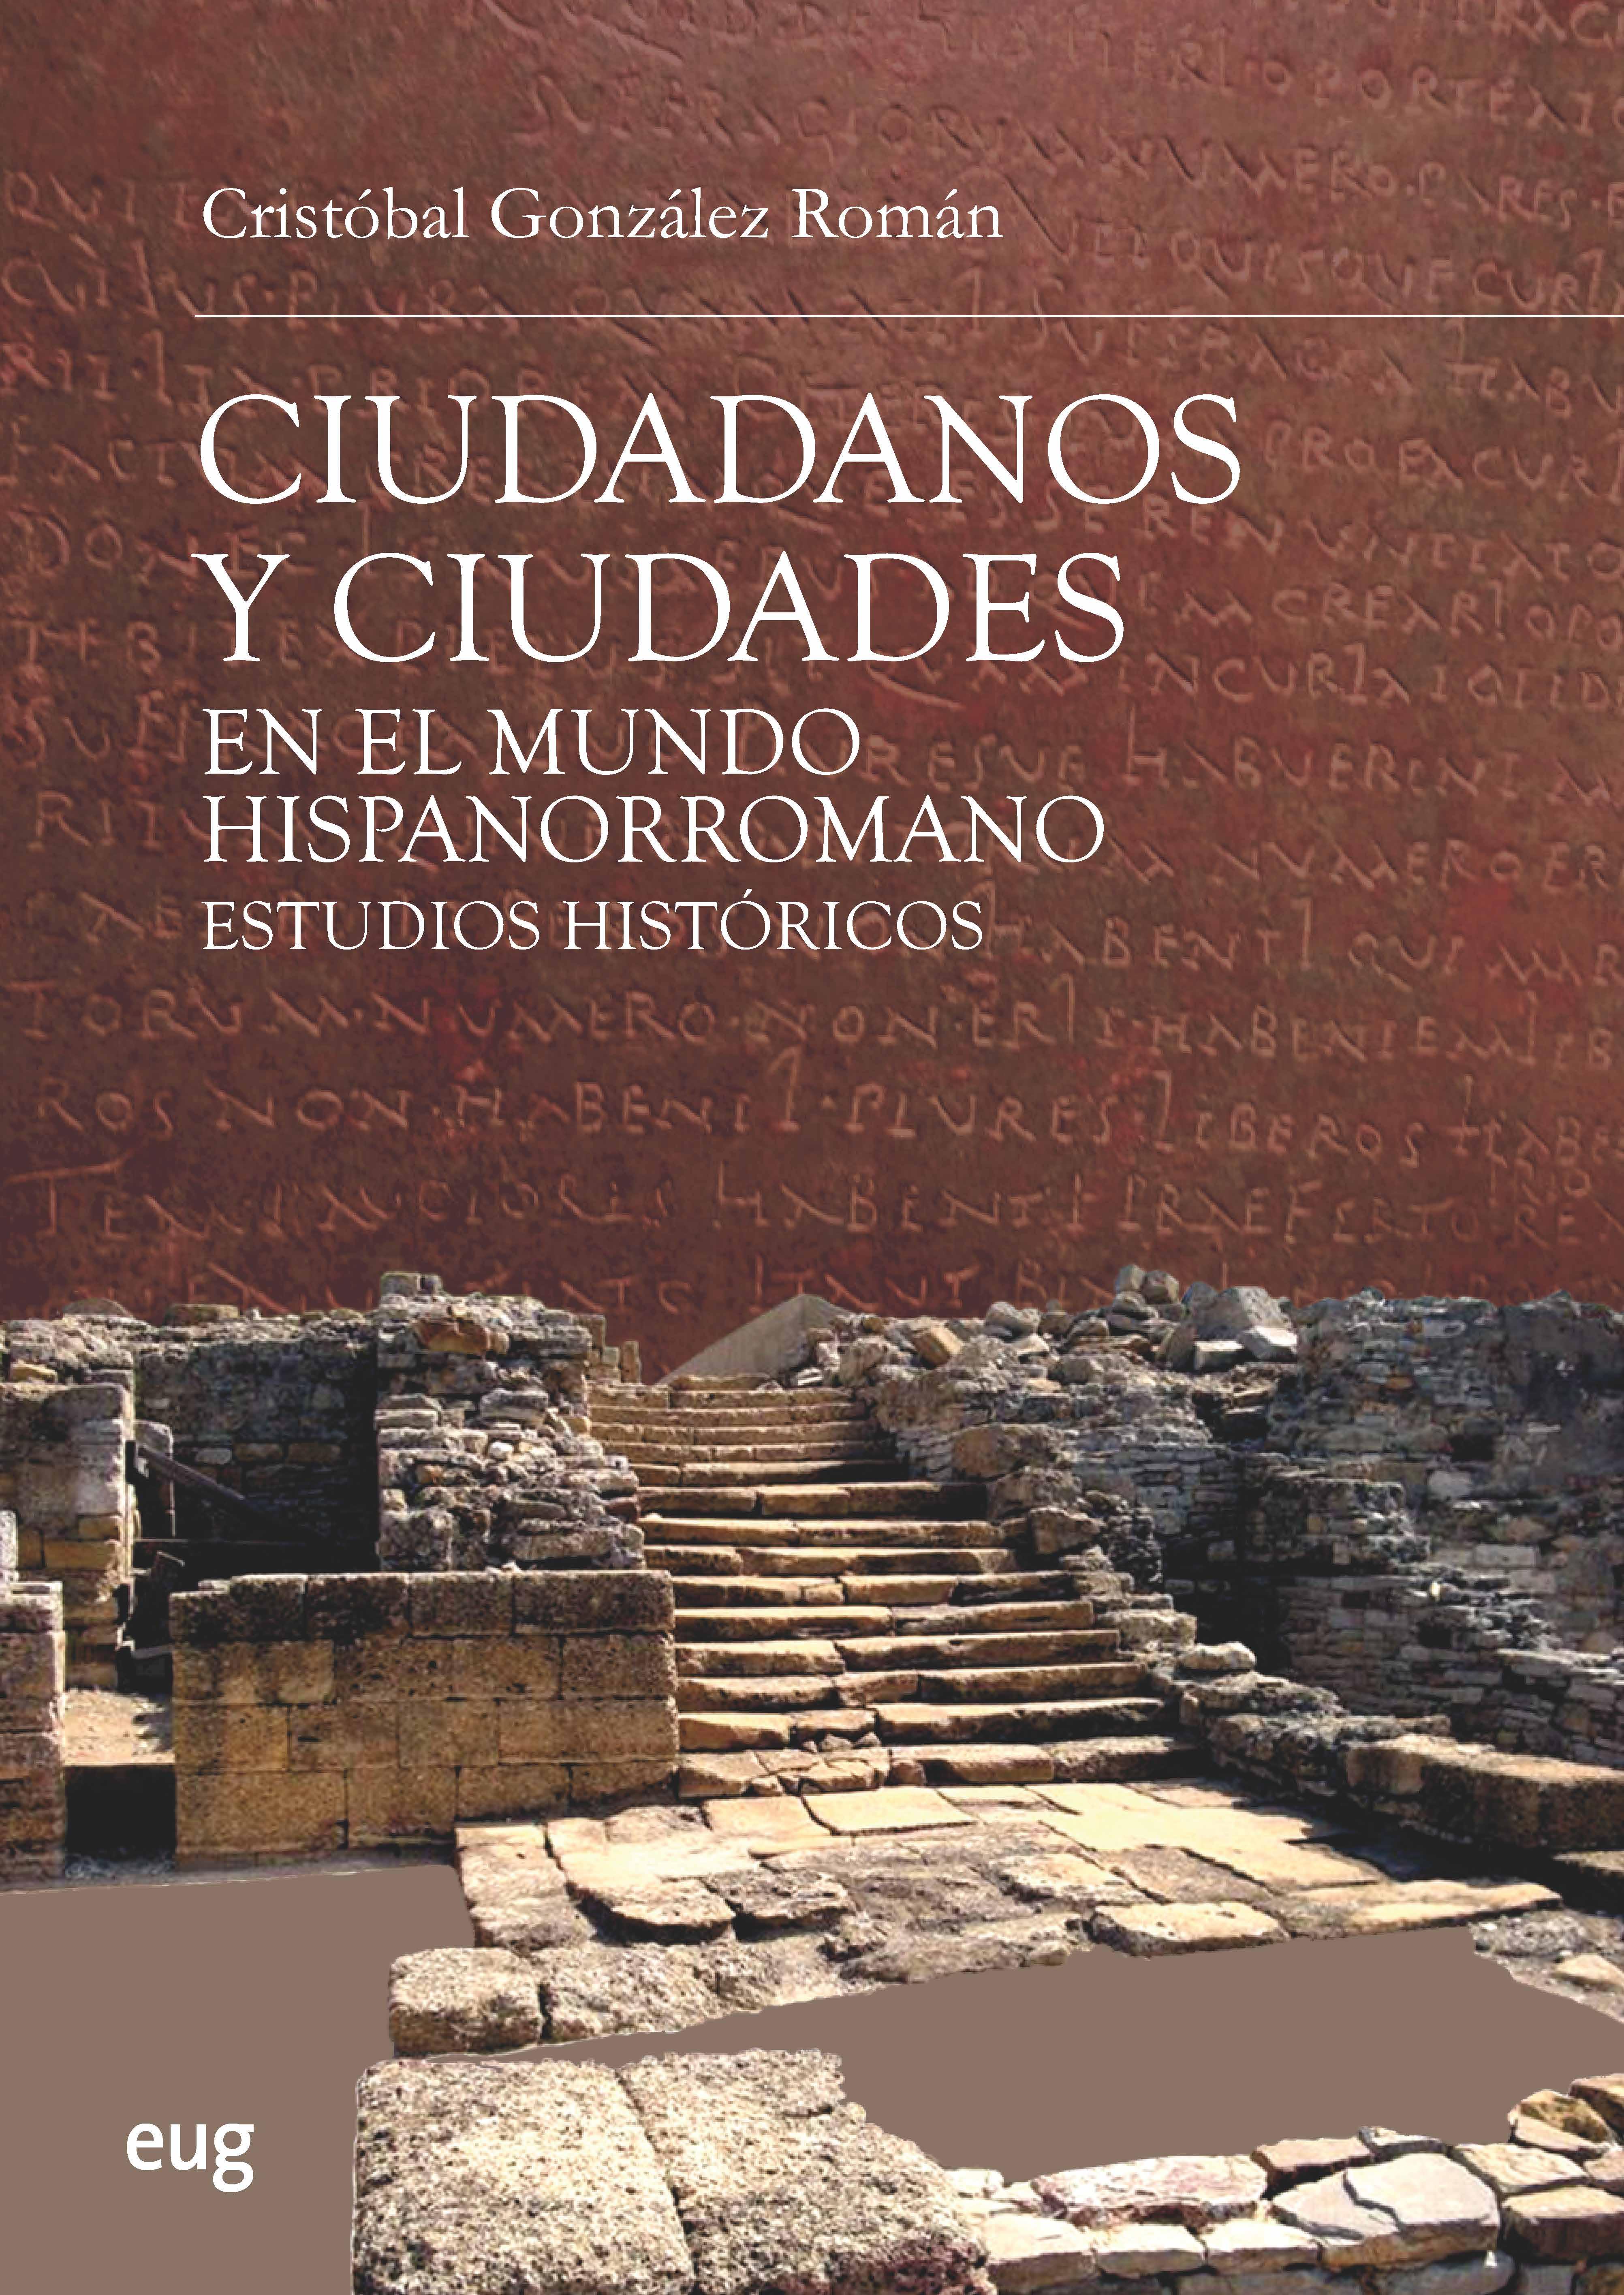 Ciudadanos y ciudades en el mundo hispanorromano   «Estudios históricos»